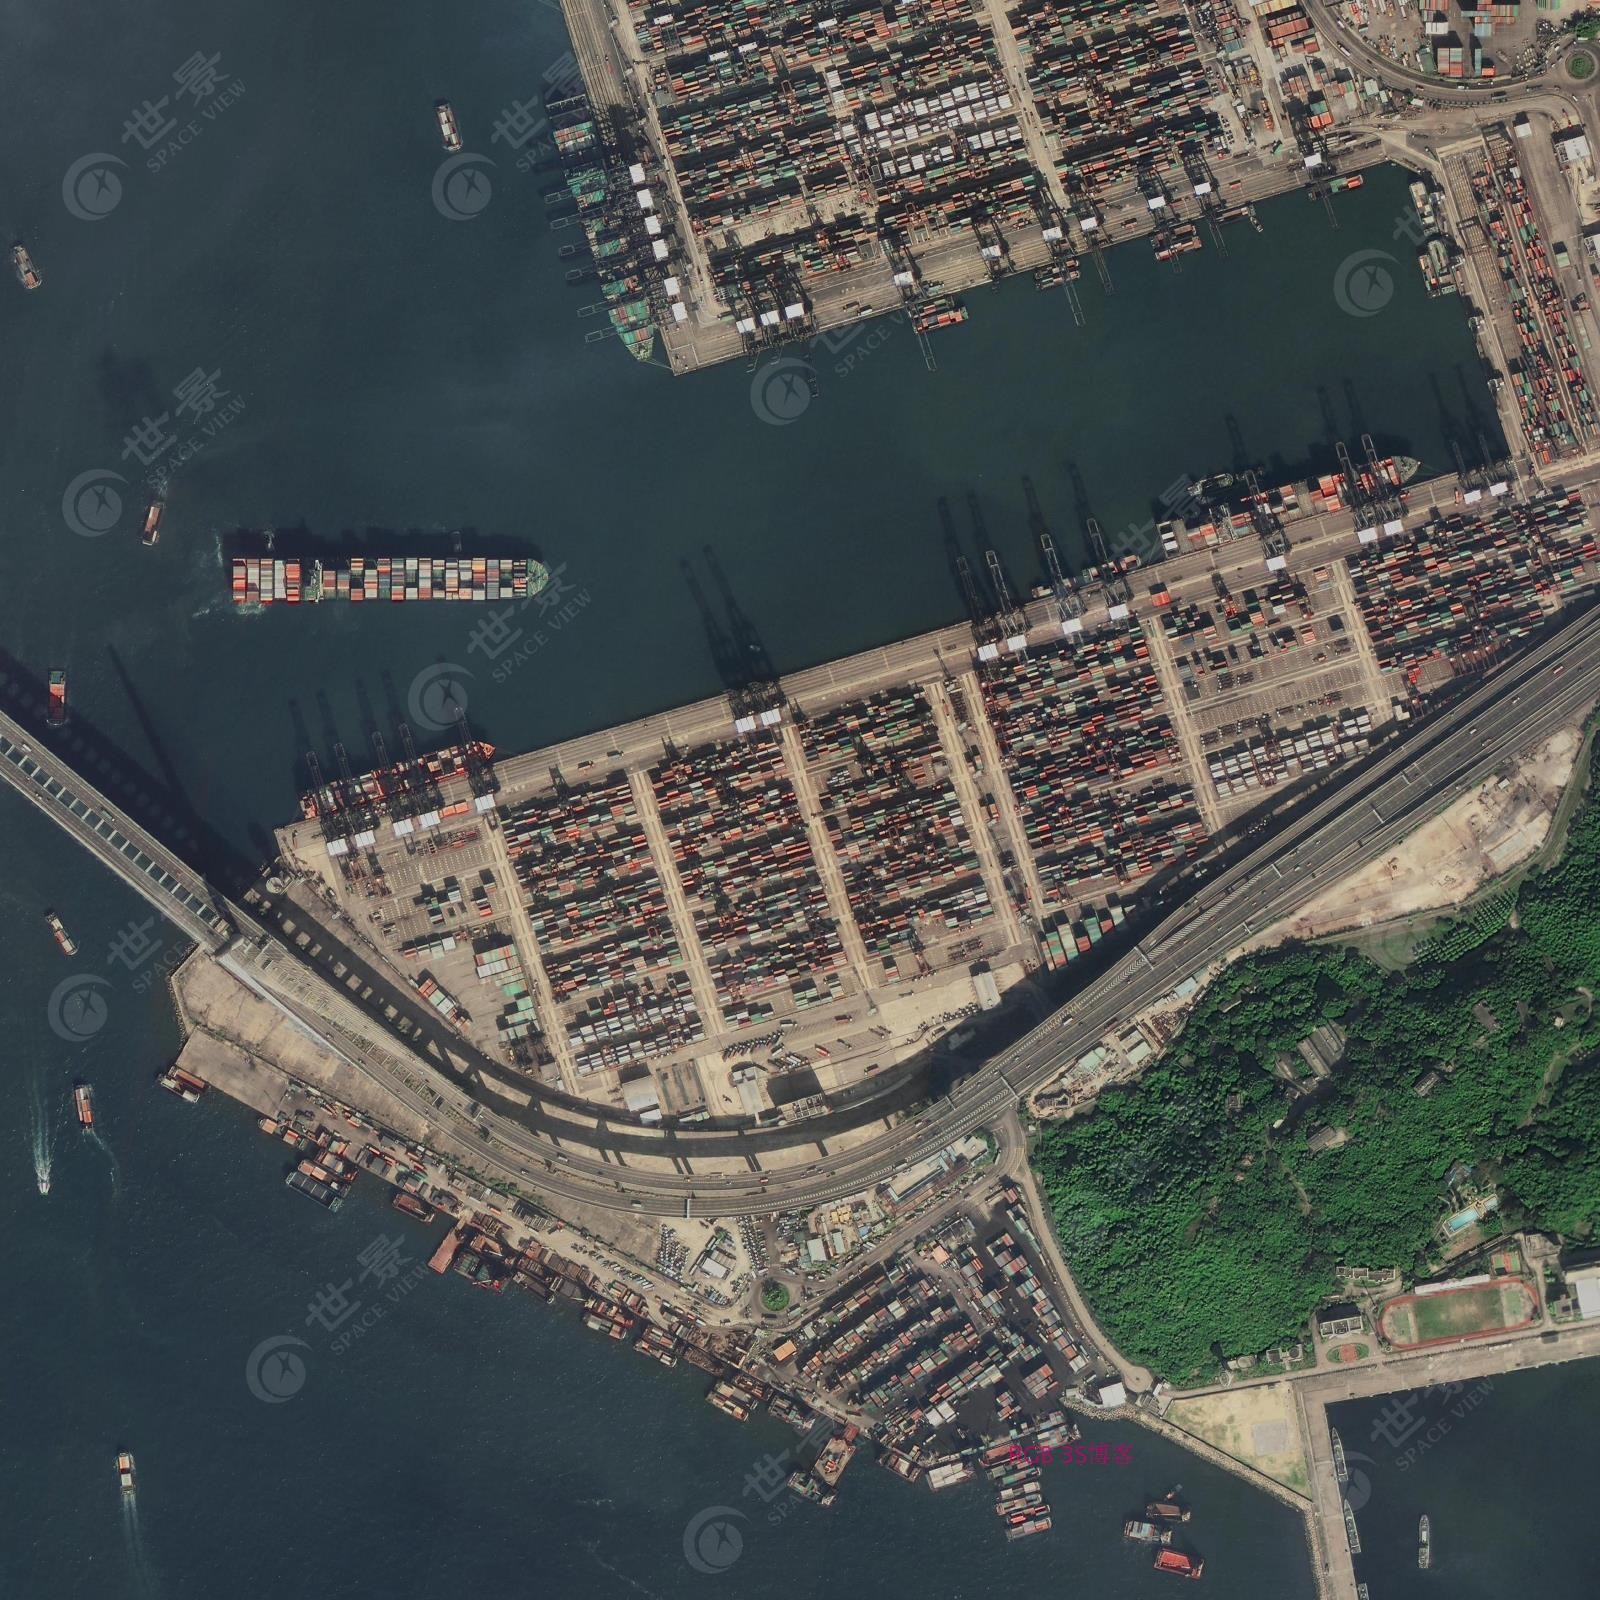 中远国际货运码头